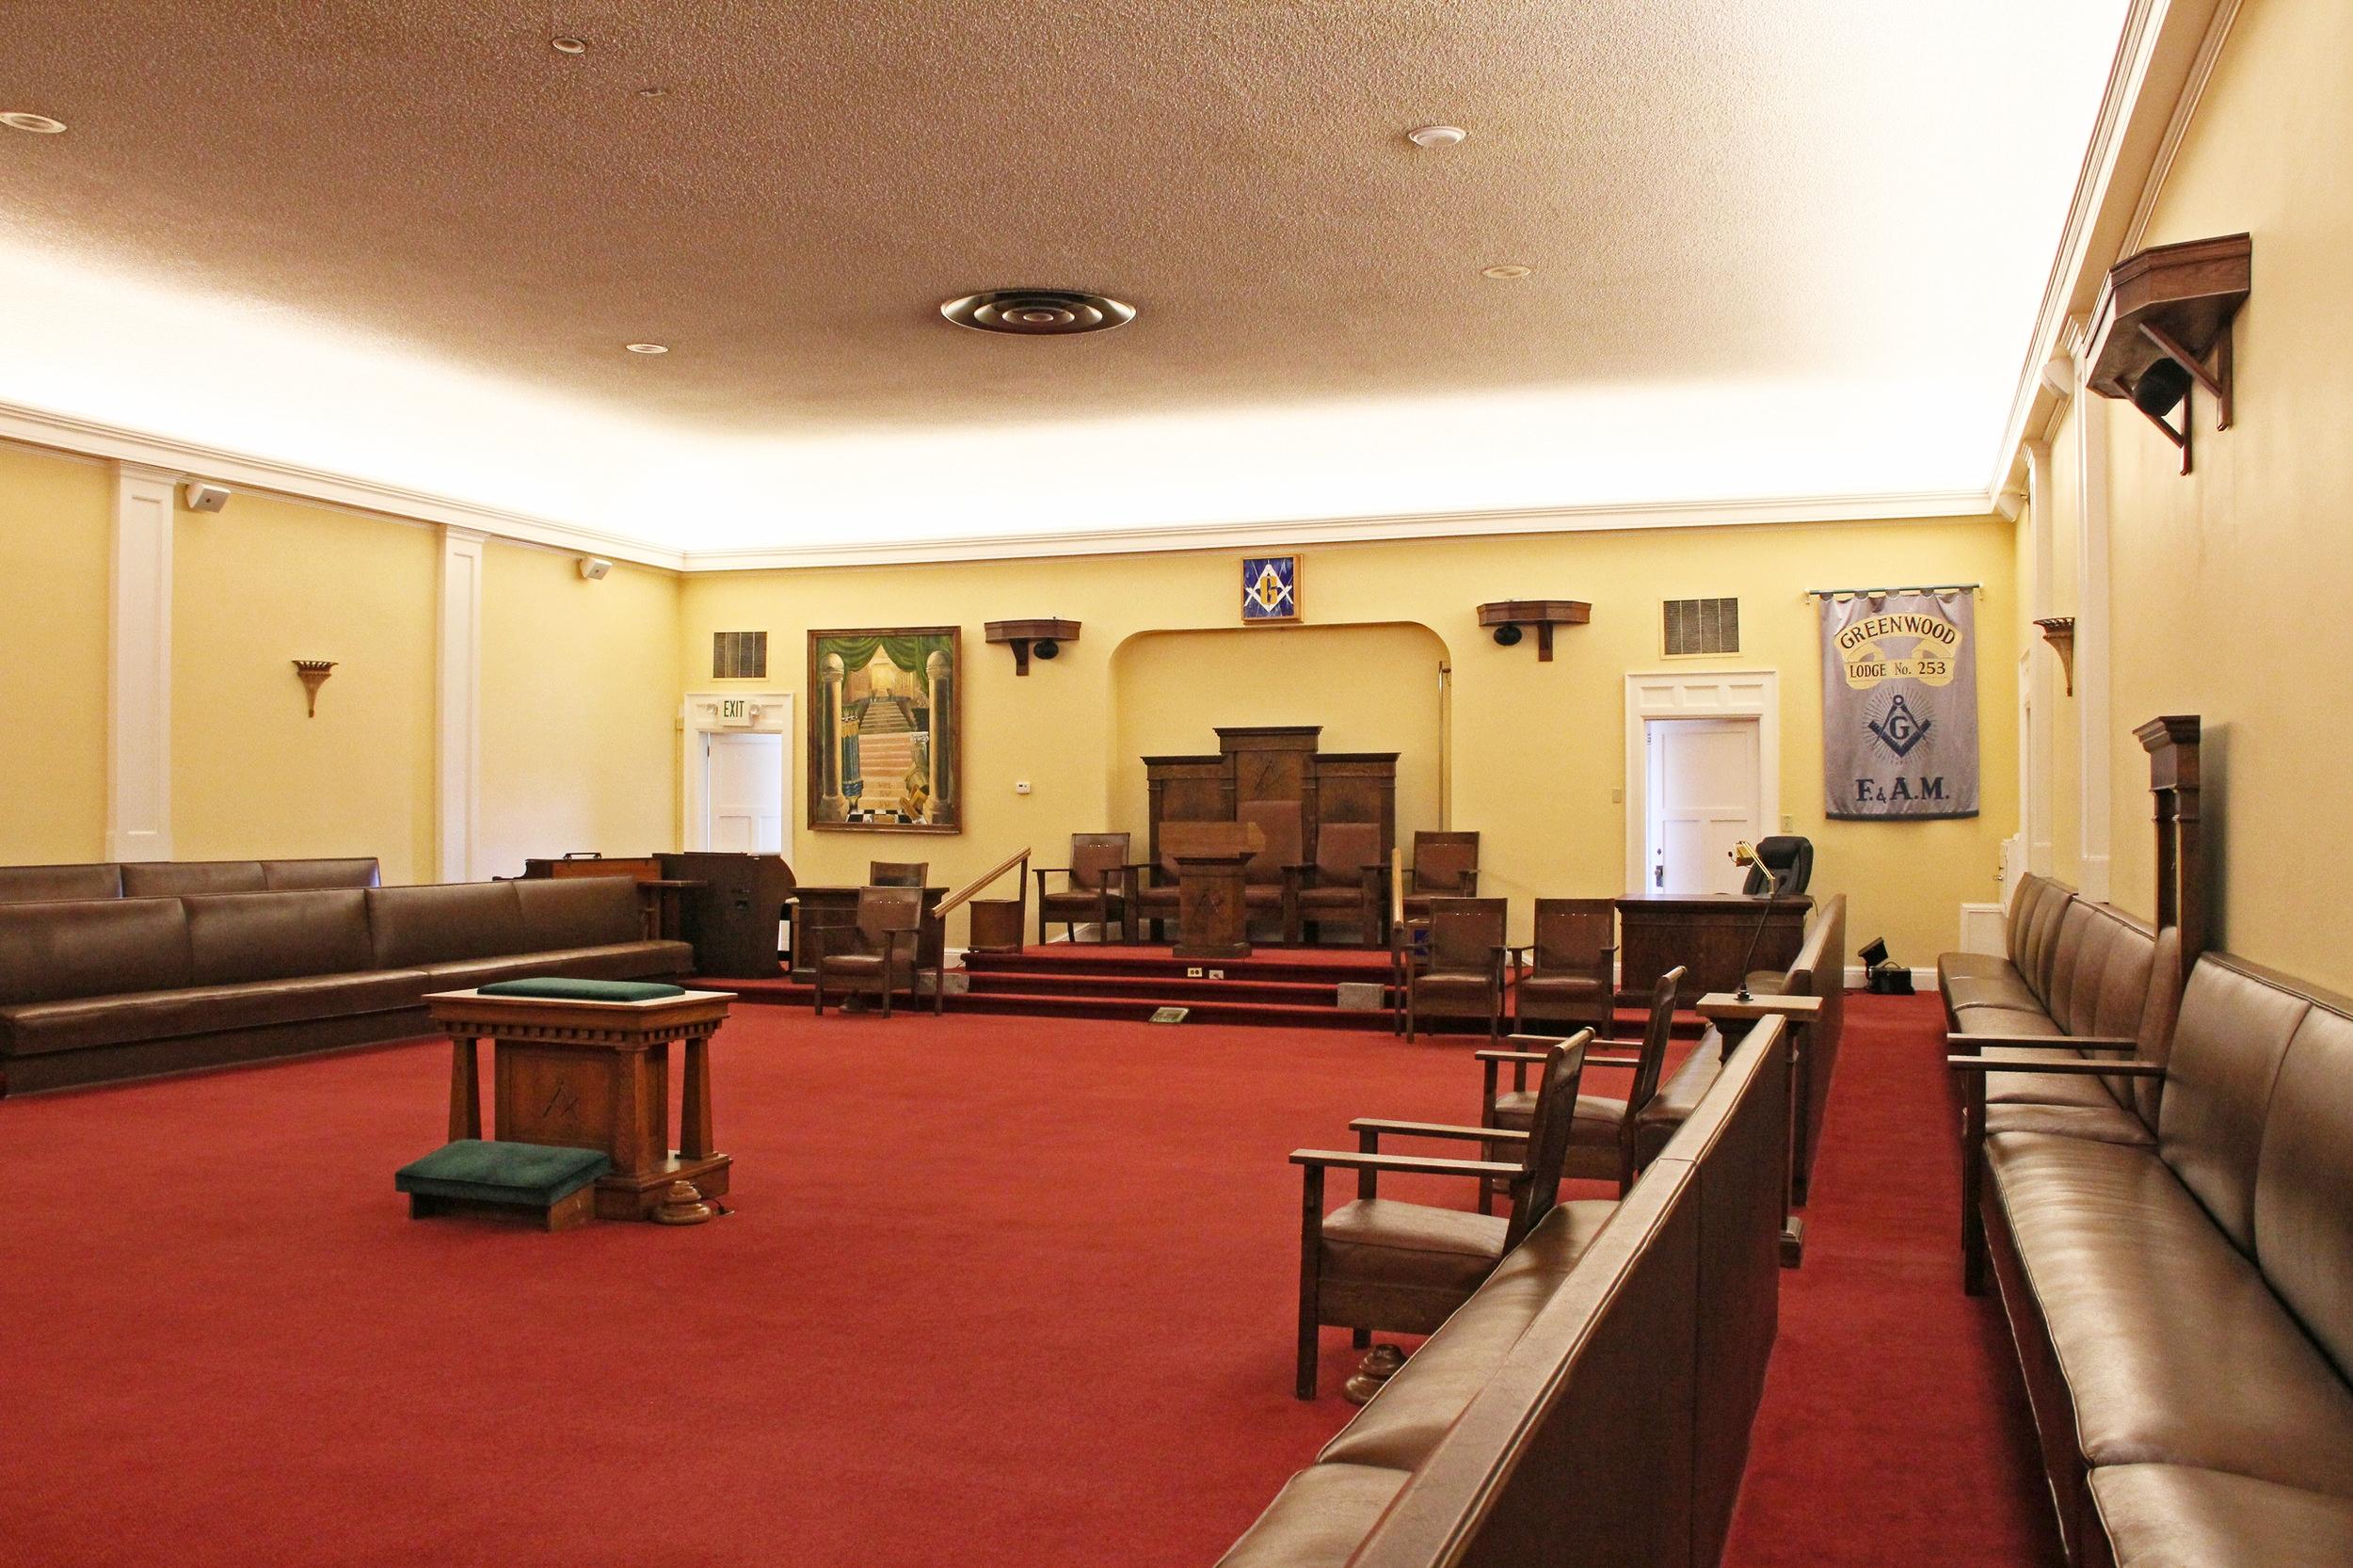 6525_upper level hall.jpg